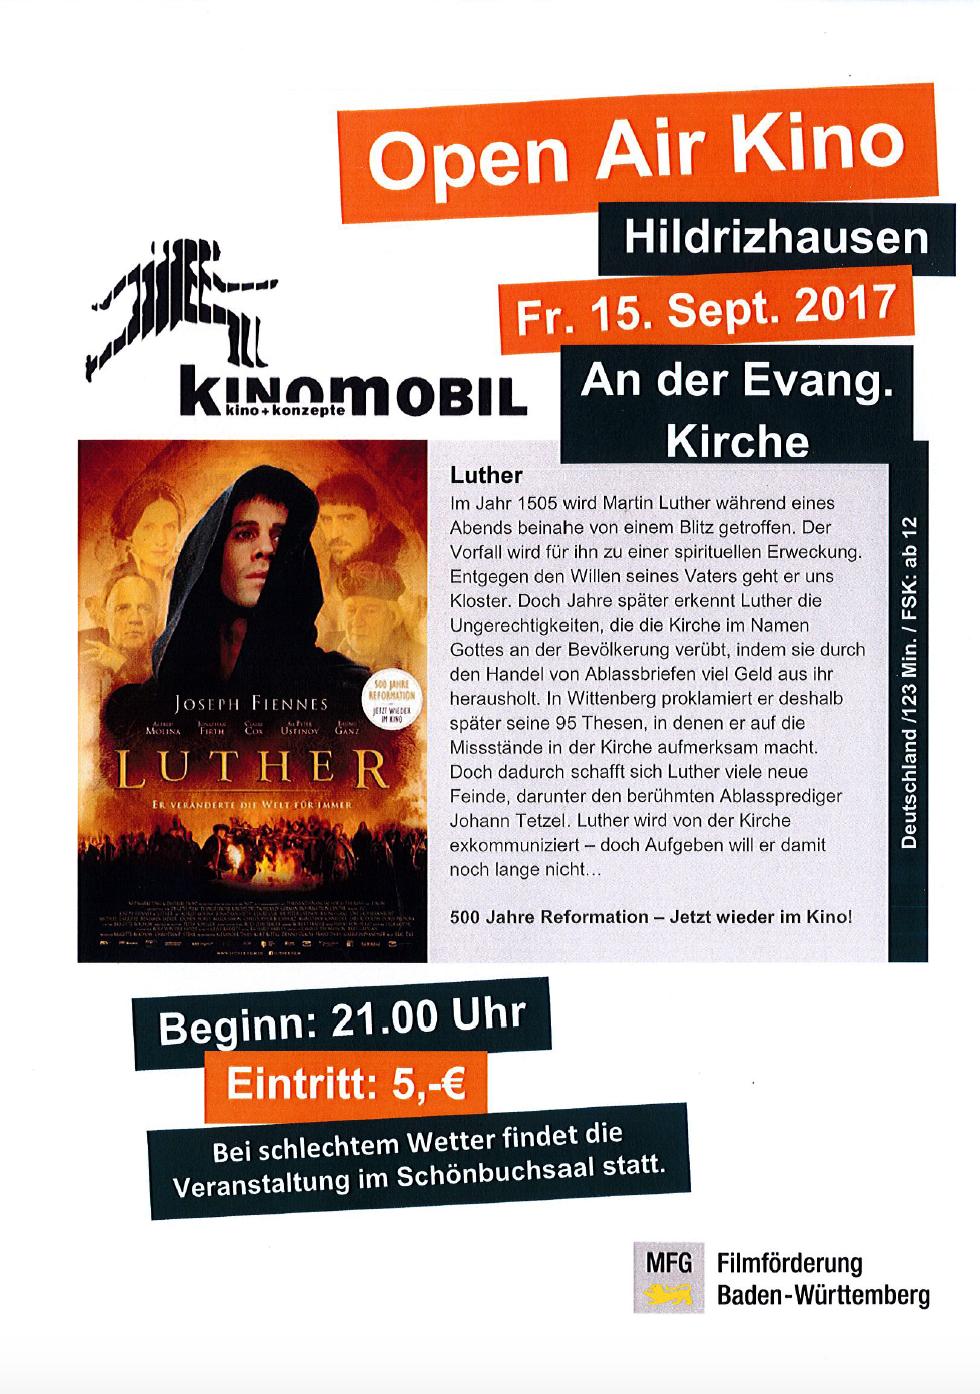 Open Air Kino Hildrizhausen am 15. September